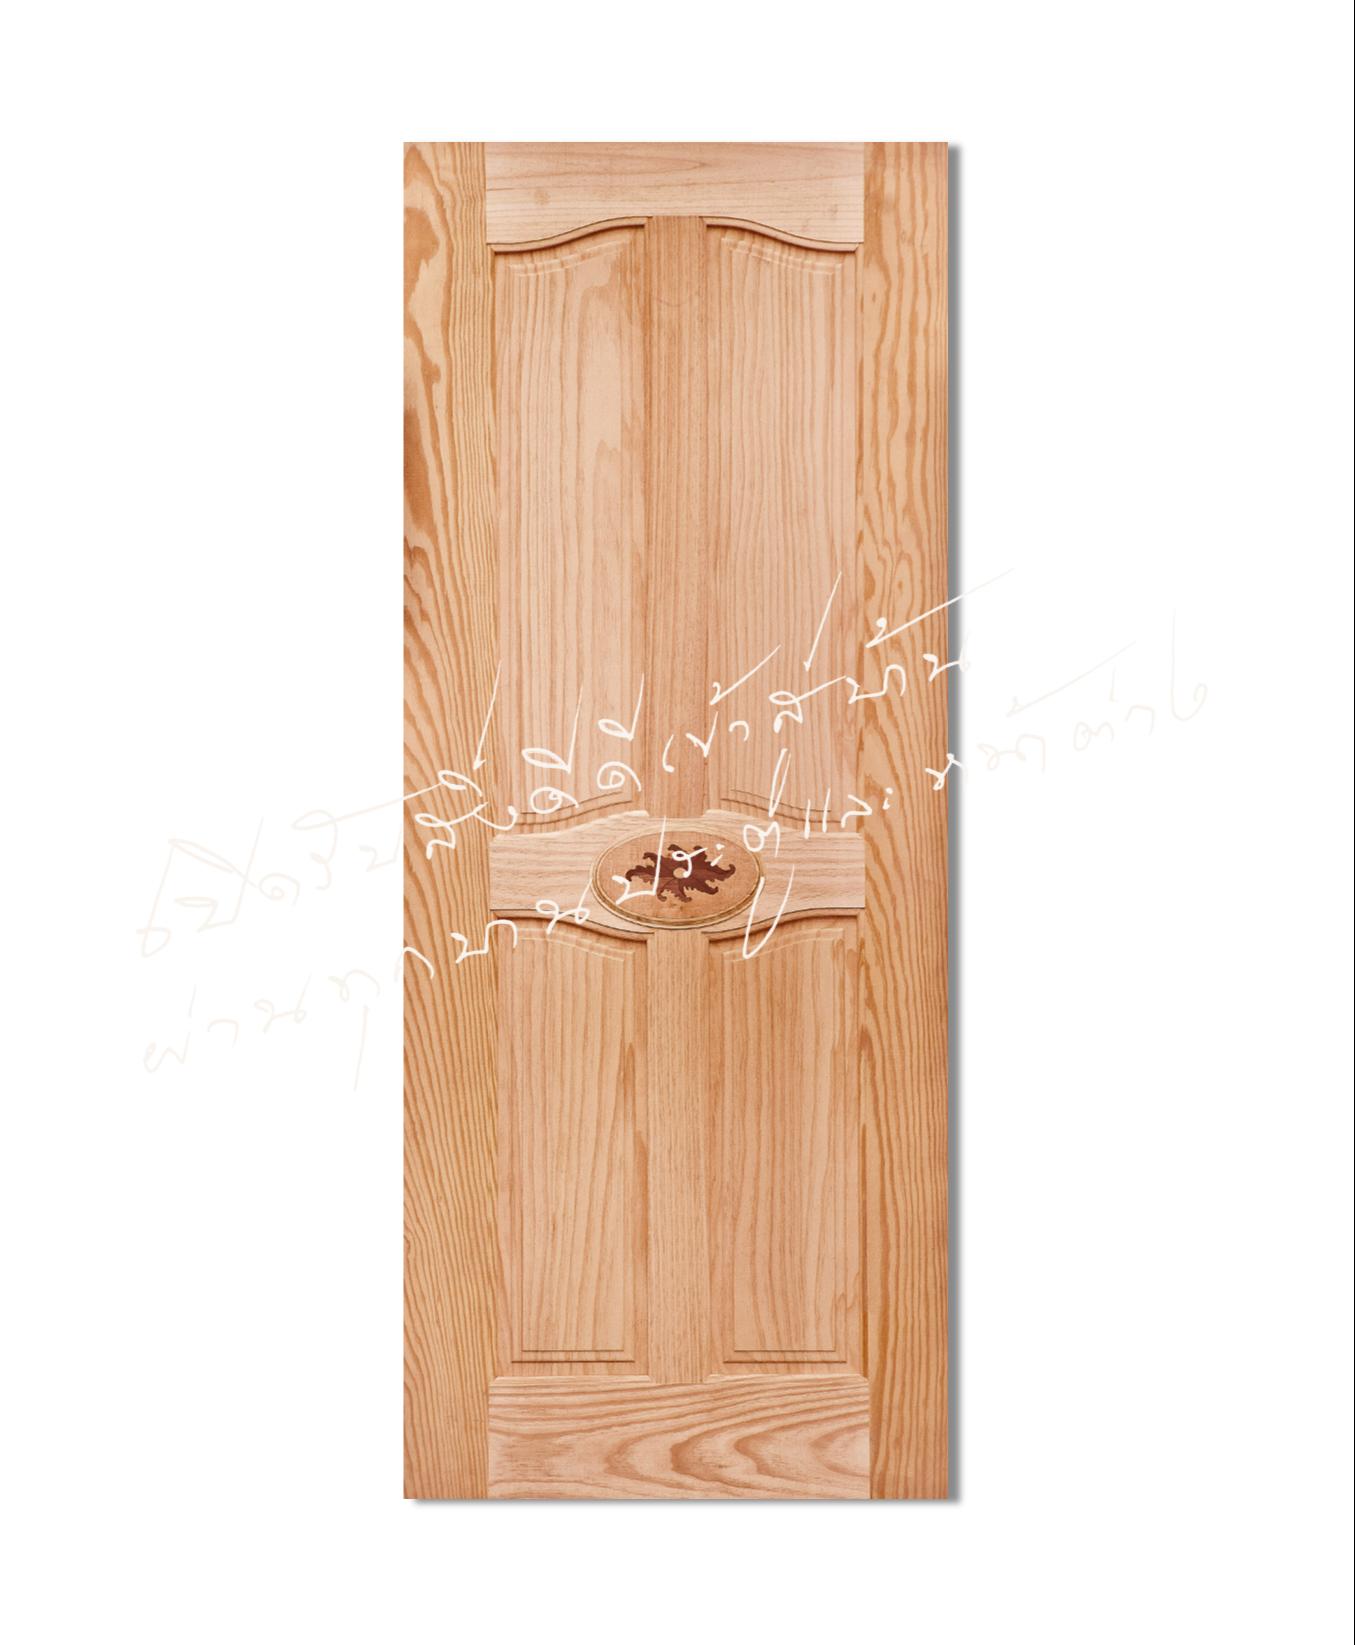 INLAY-18 ประตูไม้จริง ไม้สนนิวซีแลนด์